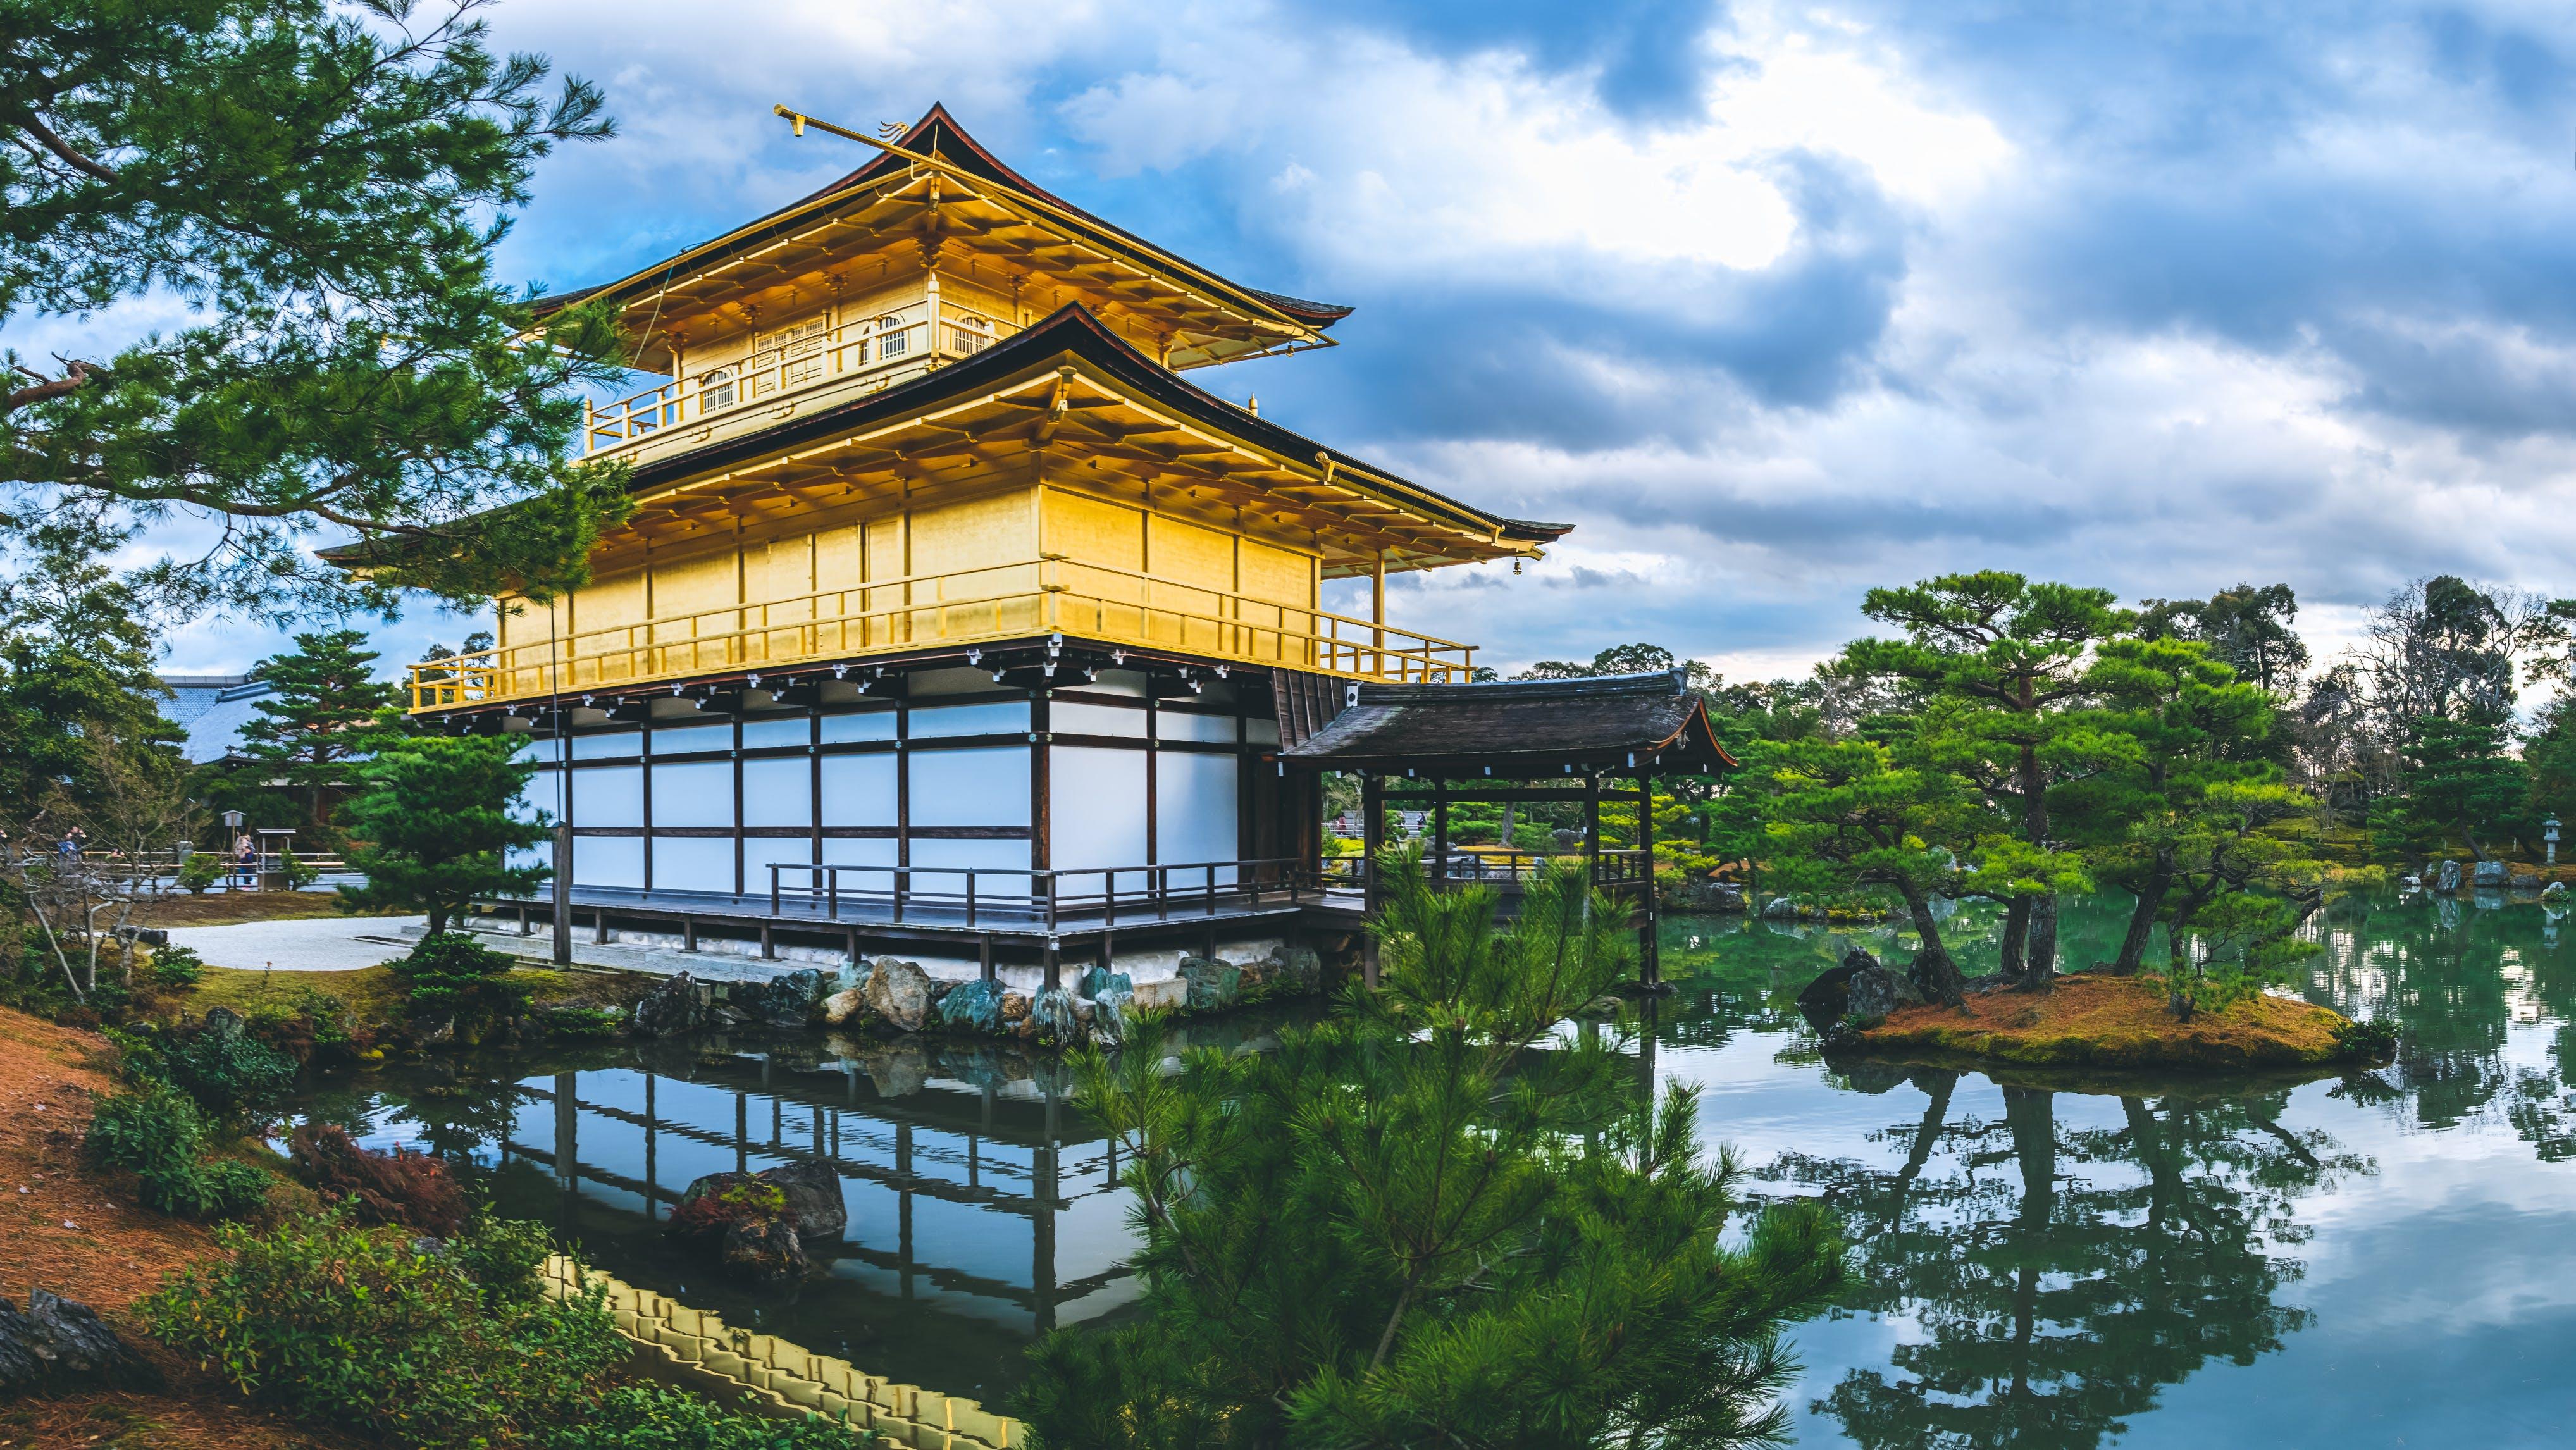 【京都観光】人気スポットを巡るモデルコース&おすすめホテル 11選